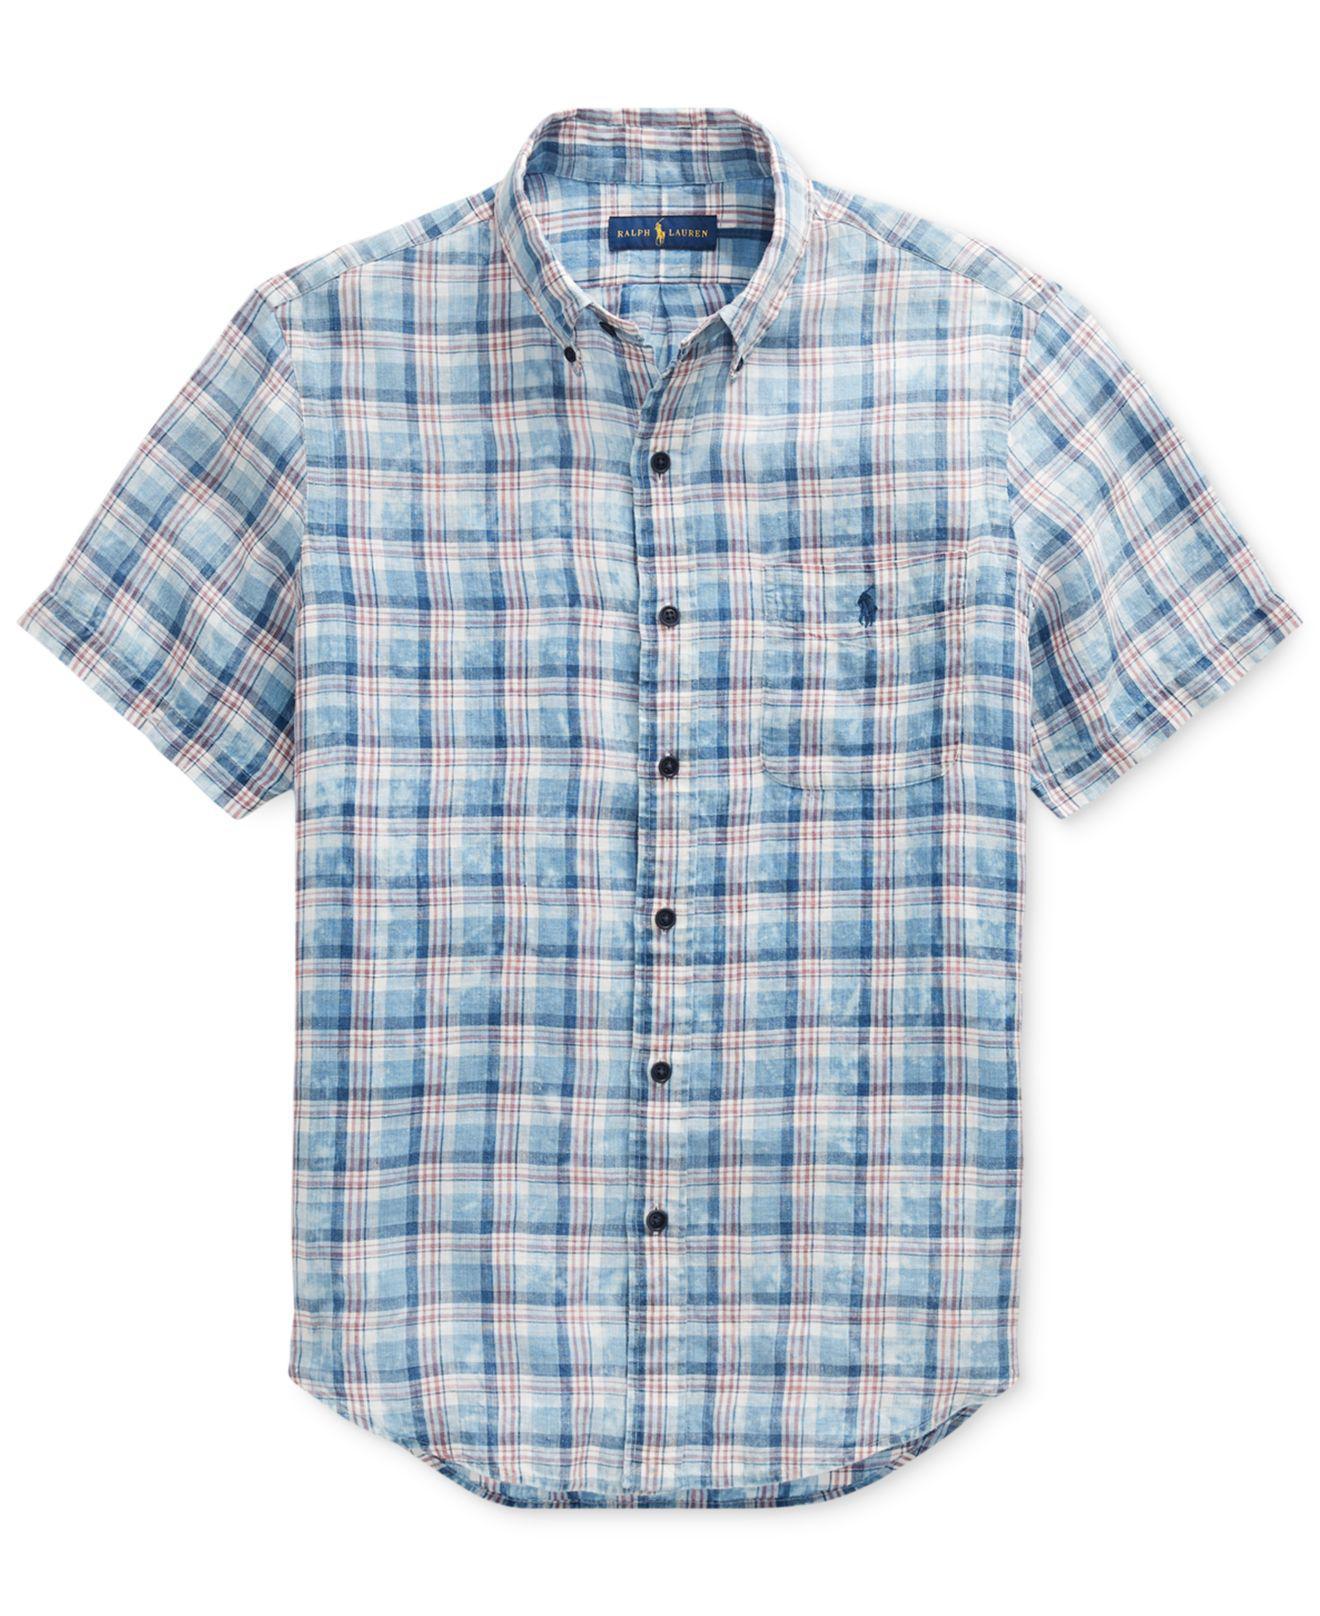 299a607c Polo Ralph Lauren Blue Mens Classic Fit Plaid Linen Shirt for men